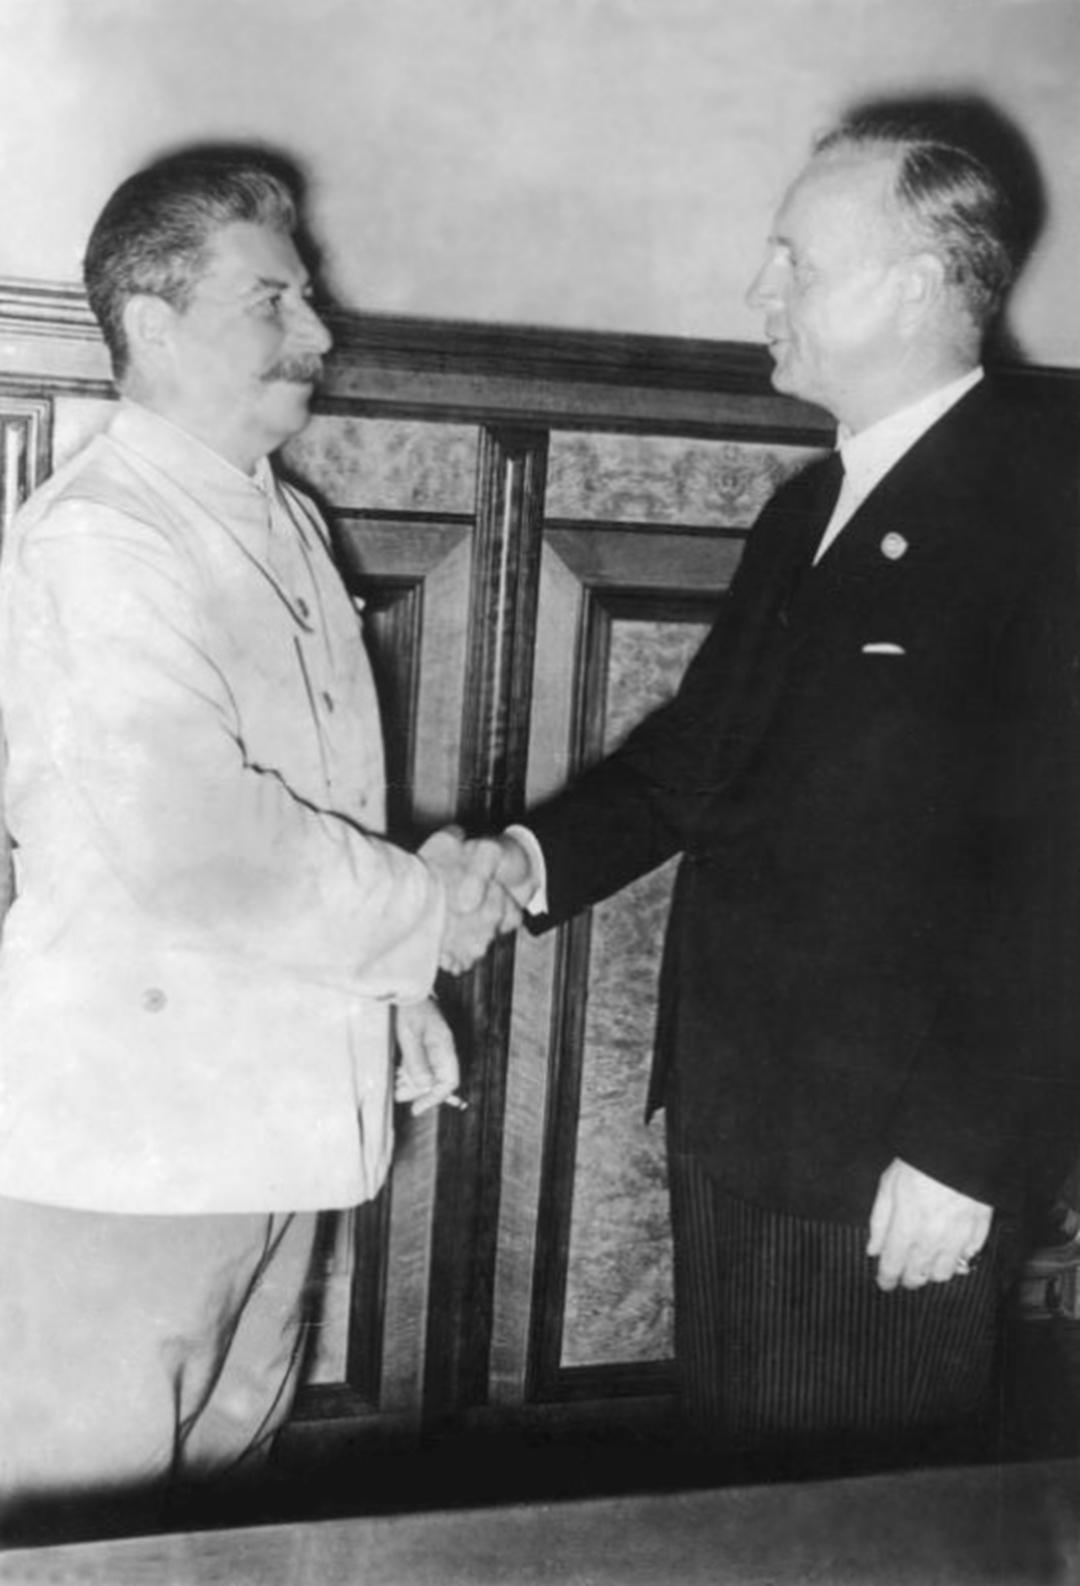 苏联和德国本为盟友,最终为何走向战争?为何苏联对战争毫无察觉